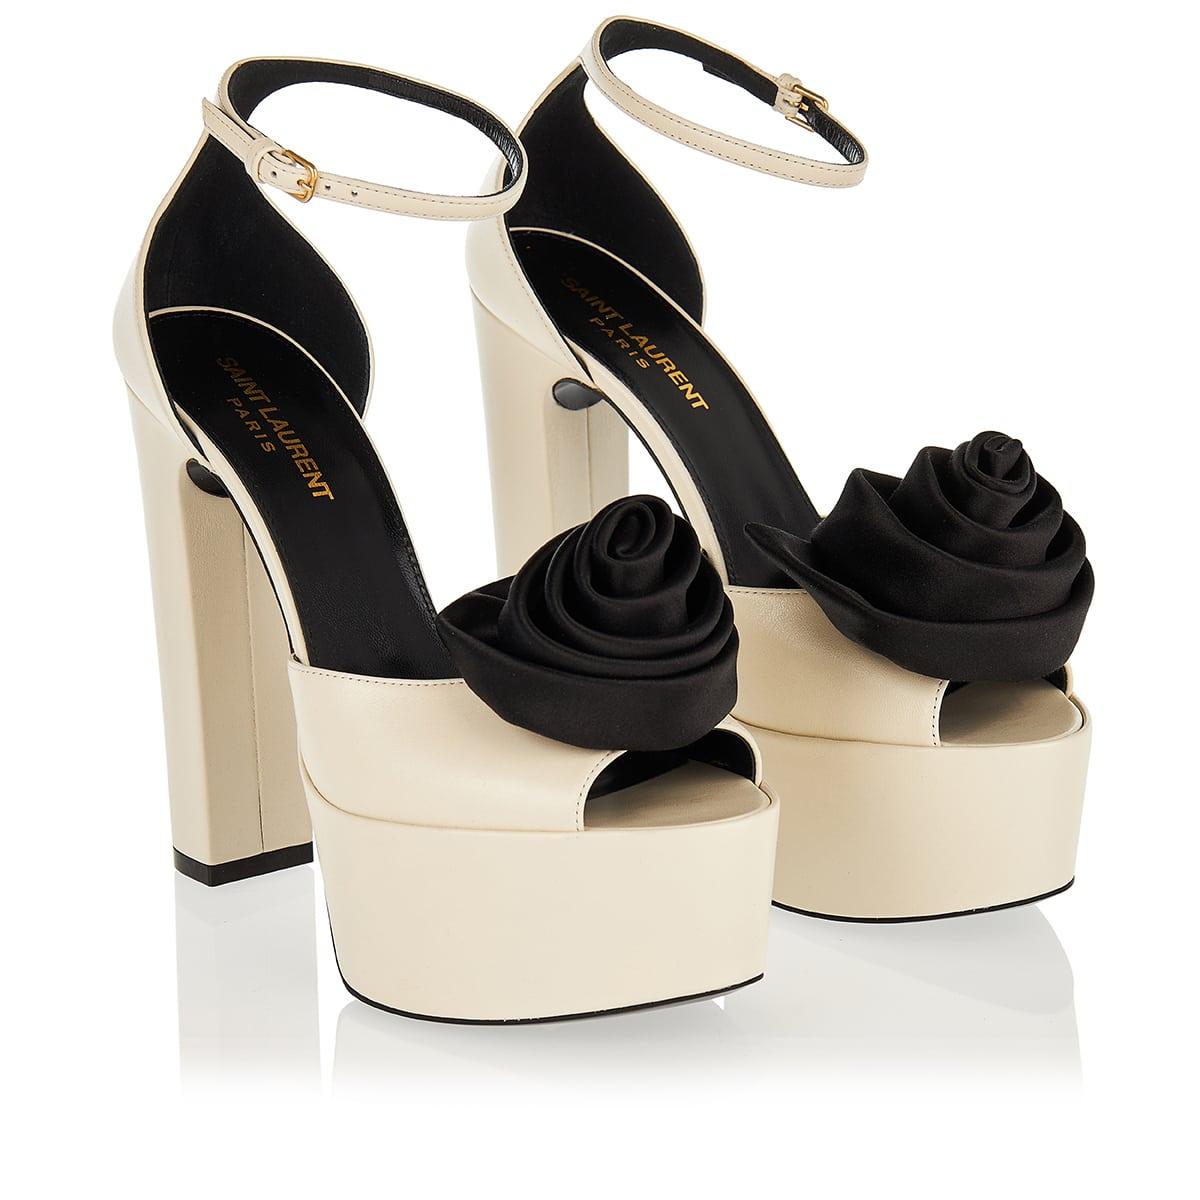 Jodie platform sandals with satin flower